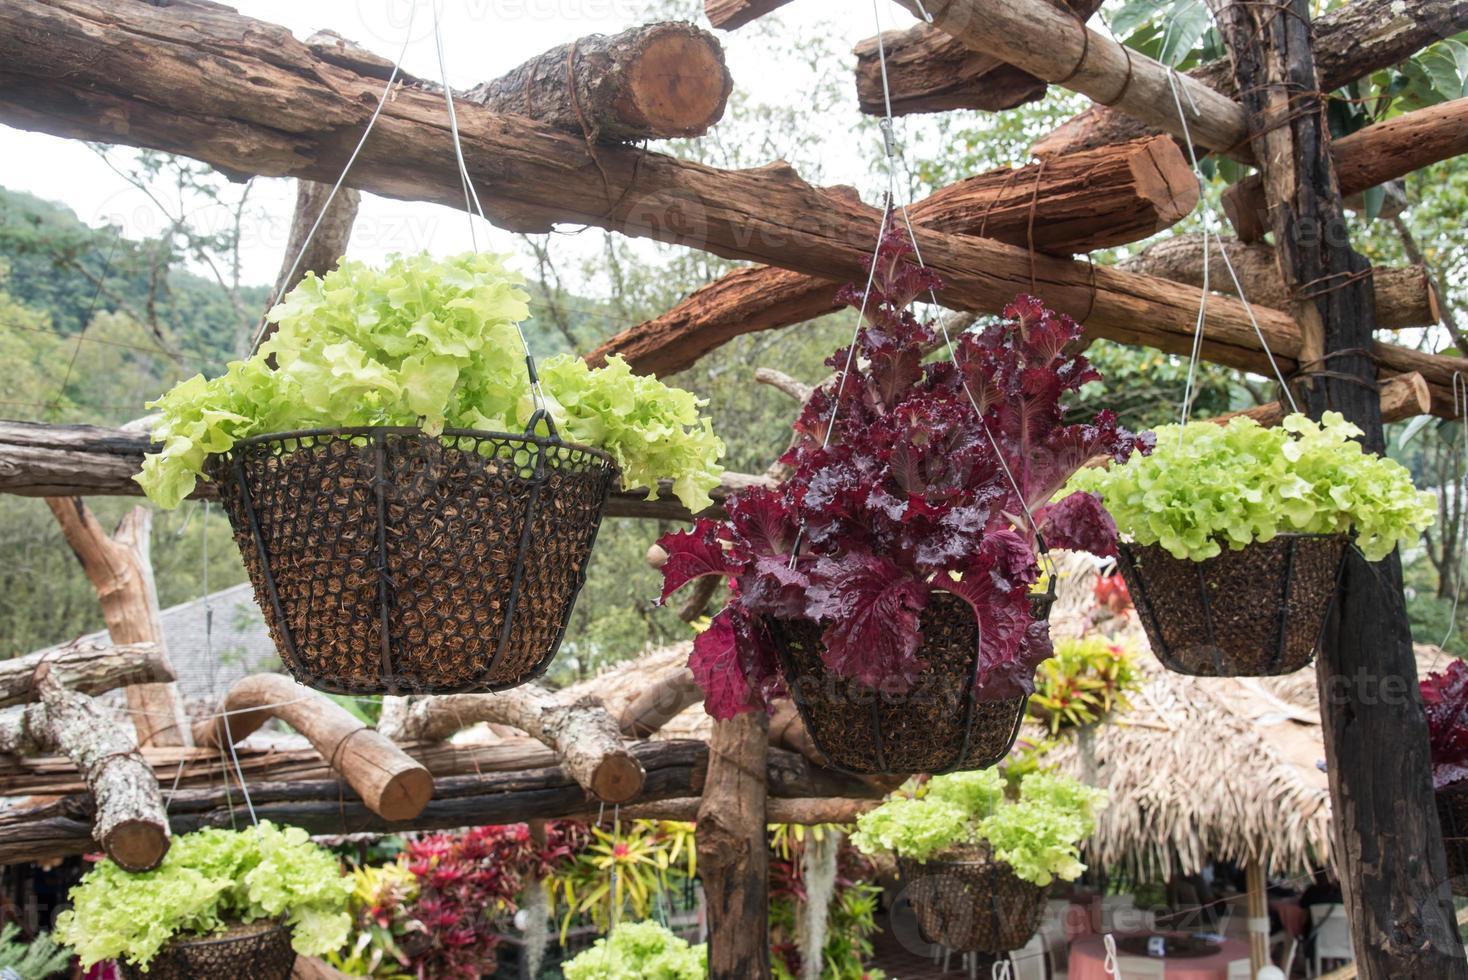 Merce nel carrello organica fresca di orticoltura foto